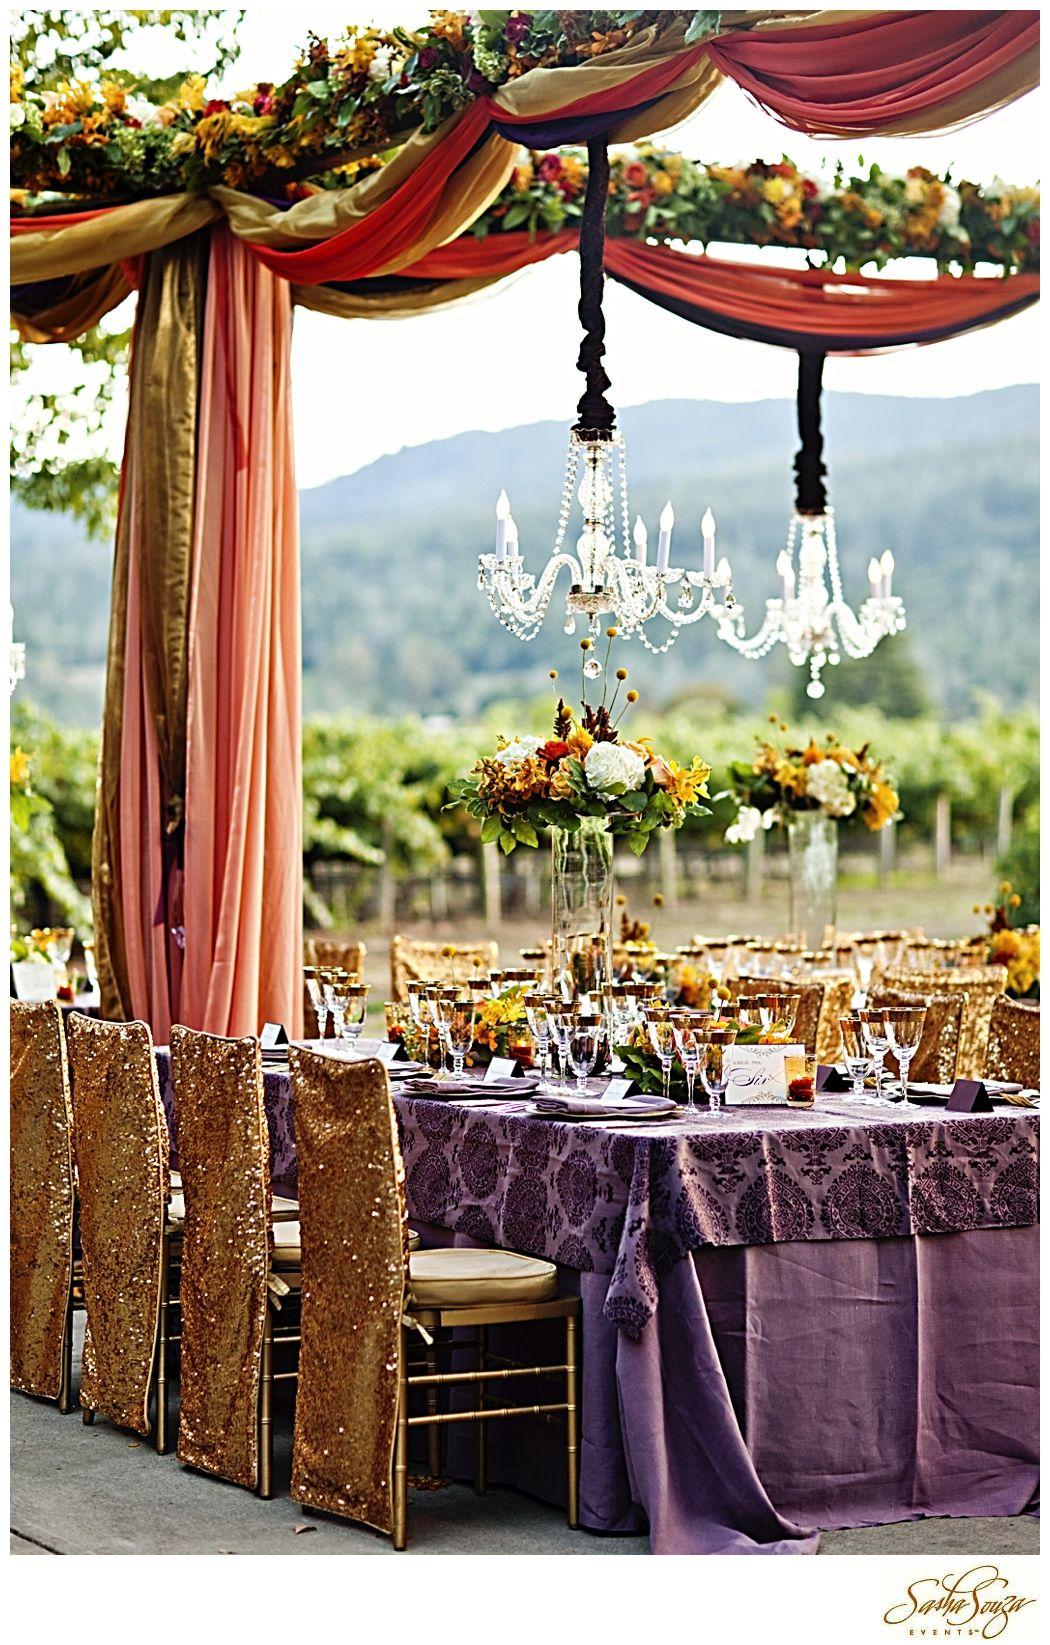 Vineyard Reception - Gorgeous! ~LadyLuxury~